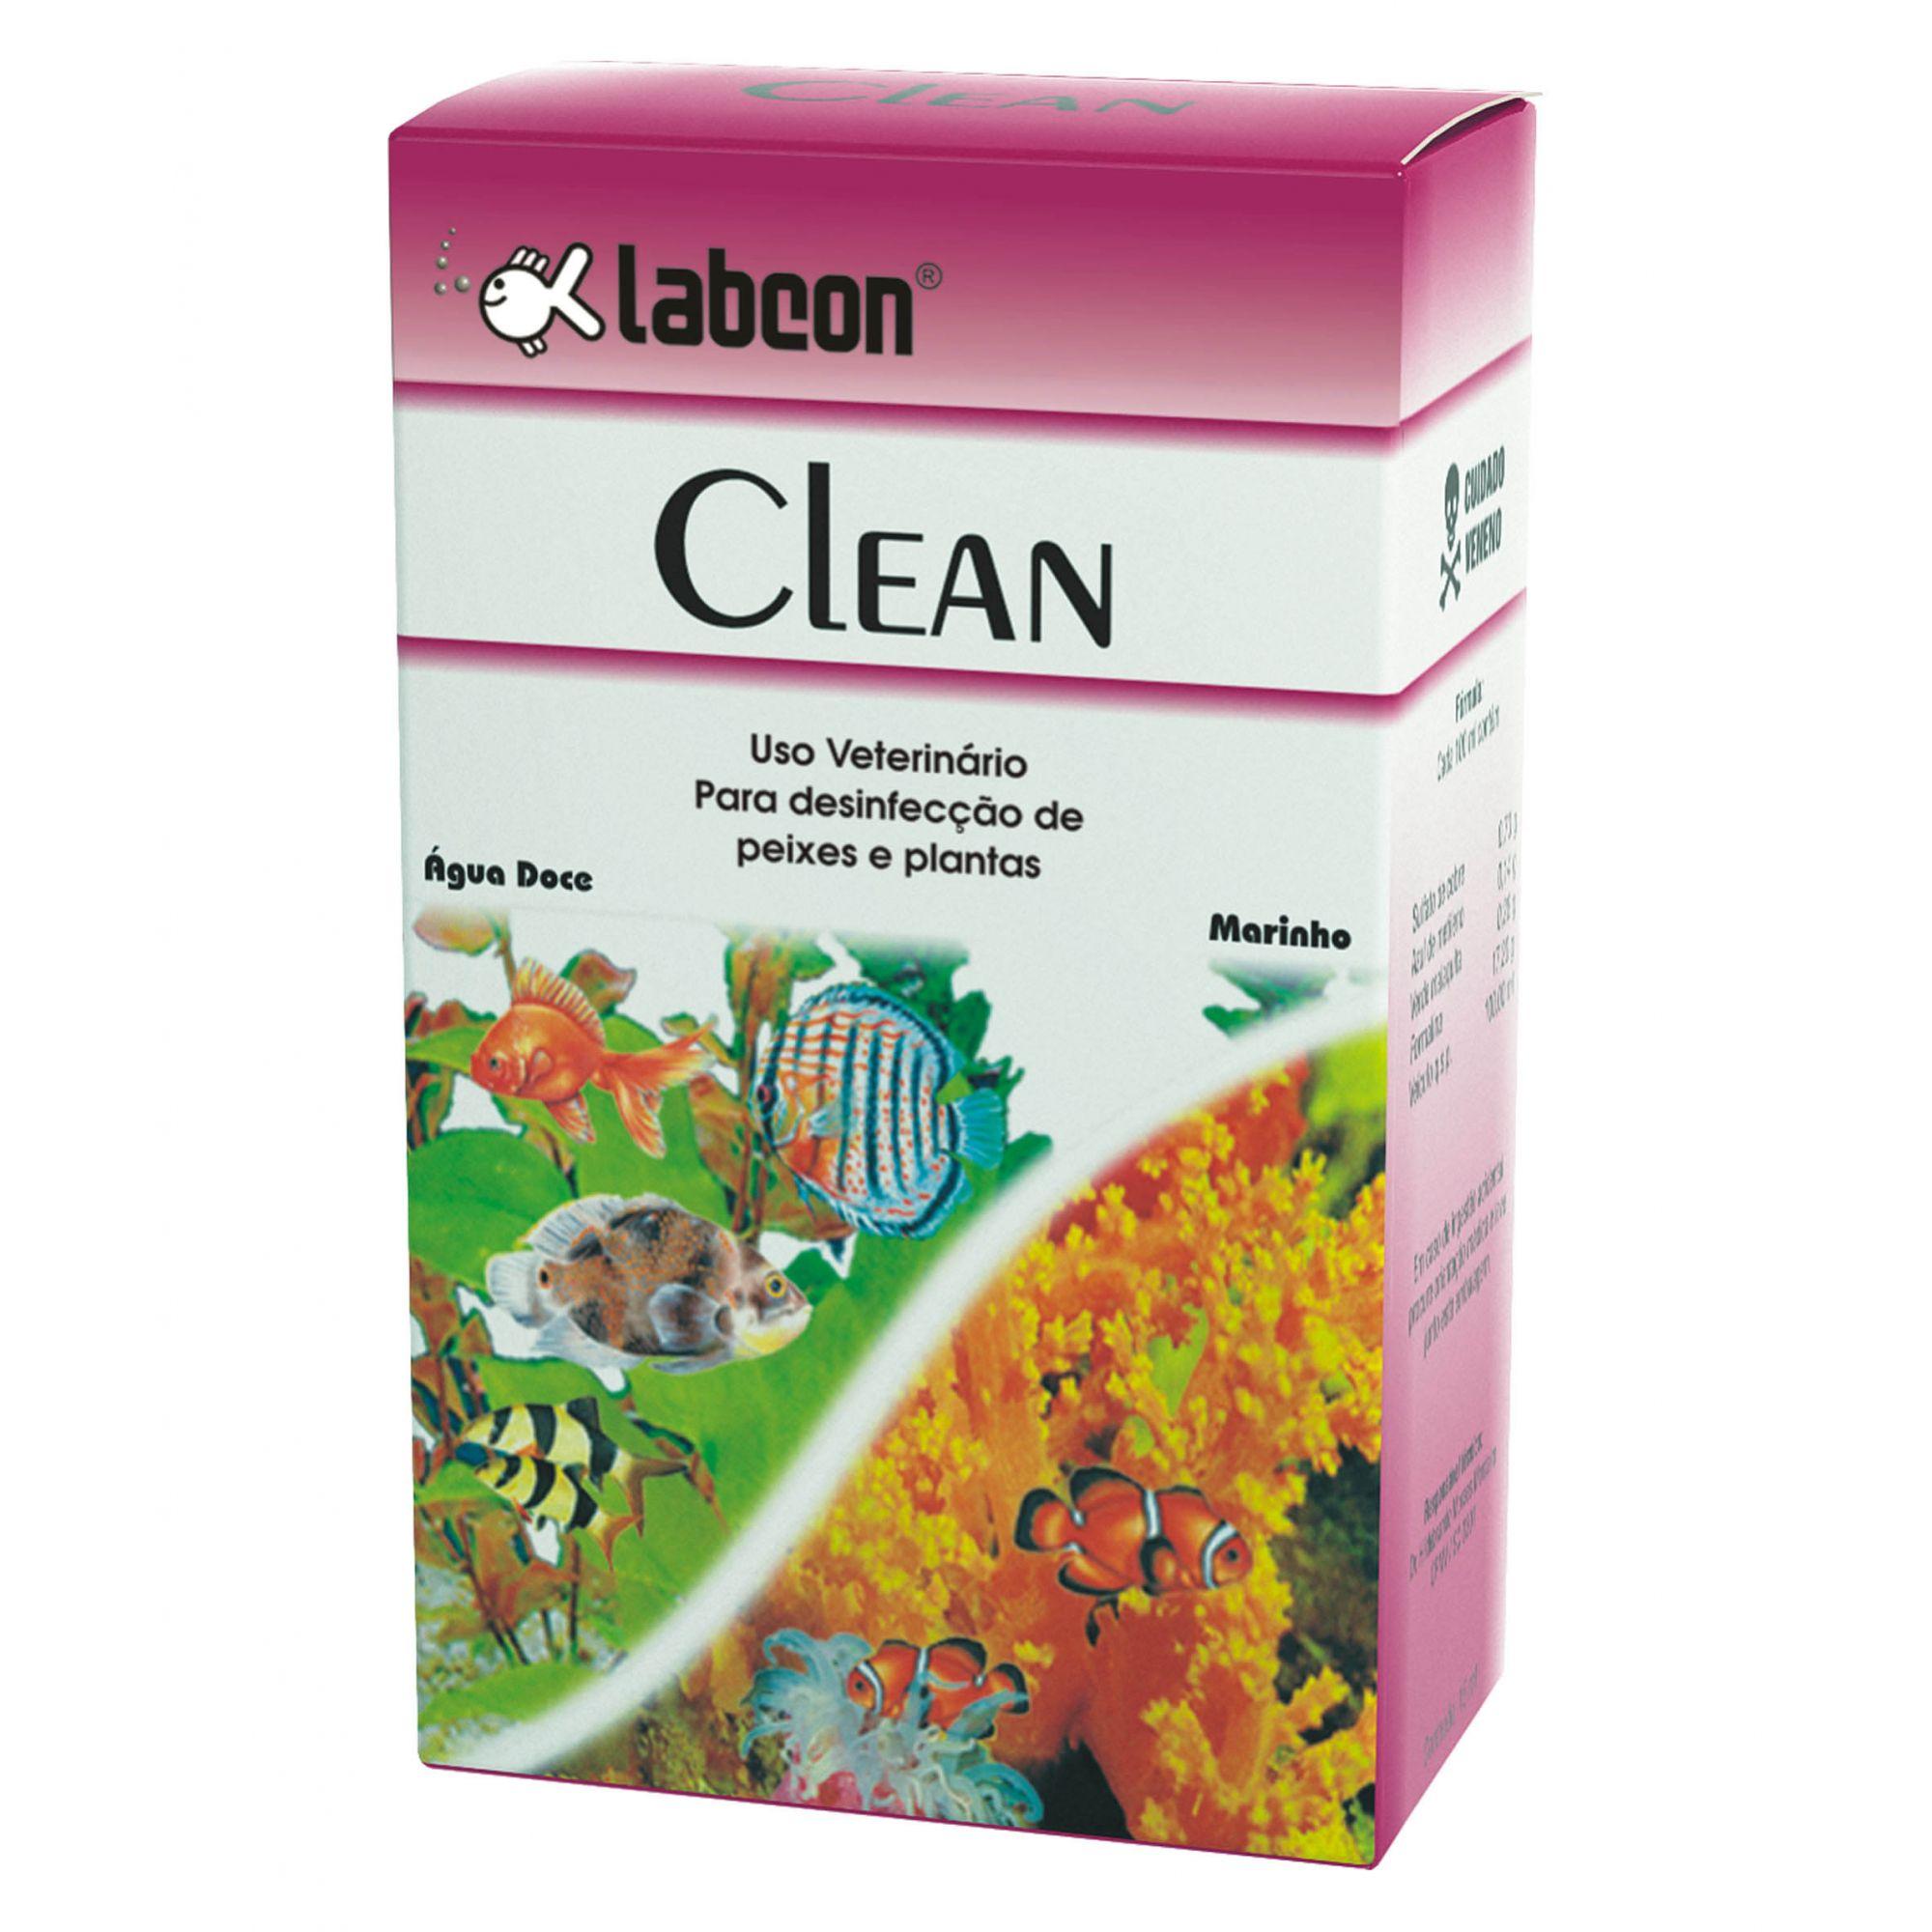 Evita Doenças Alcon Labcon Clean 15ml